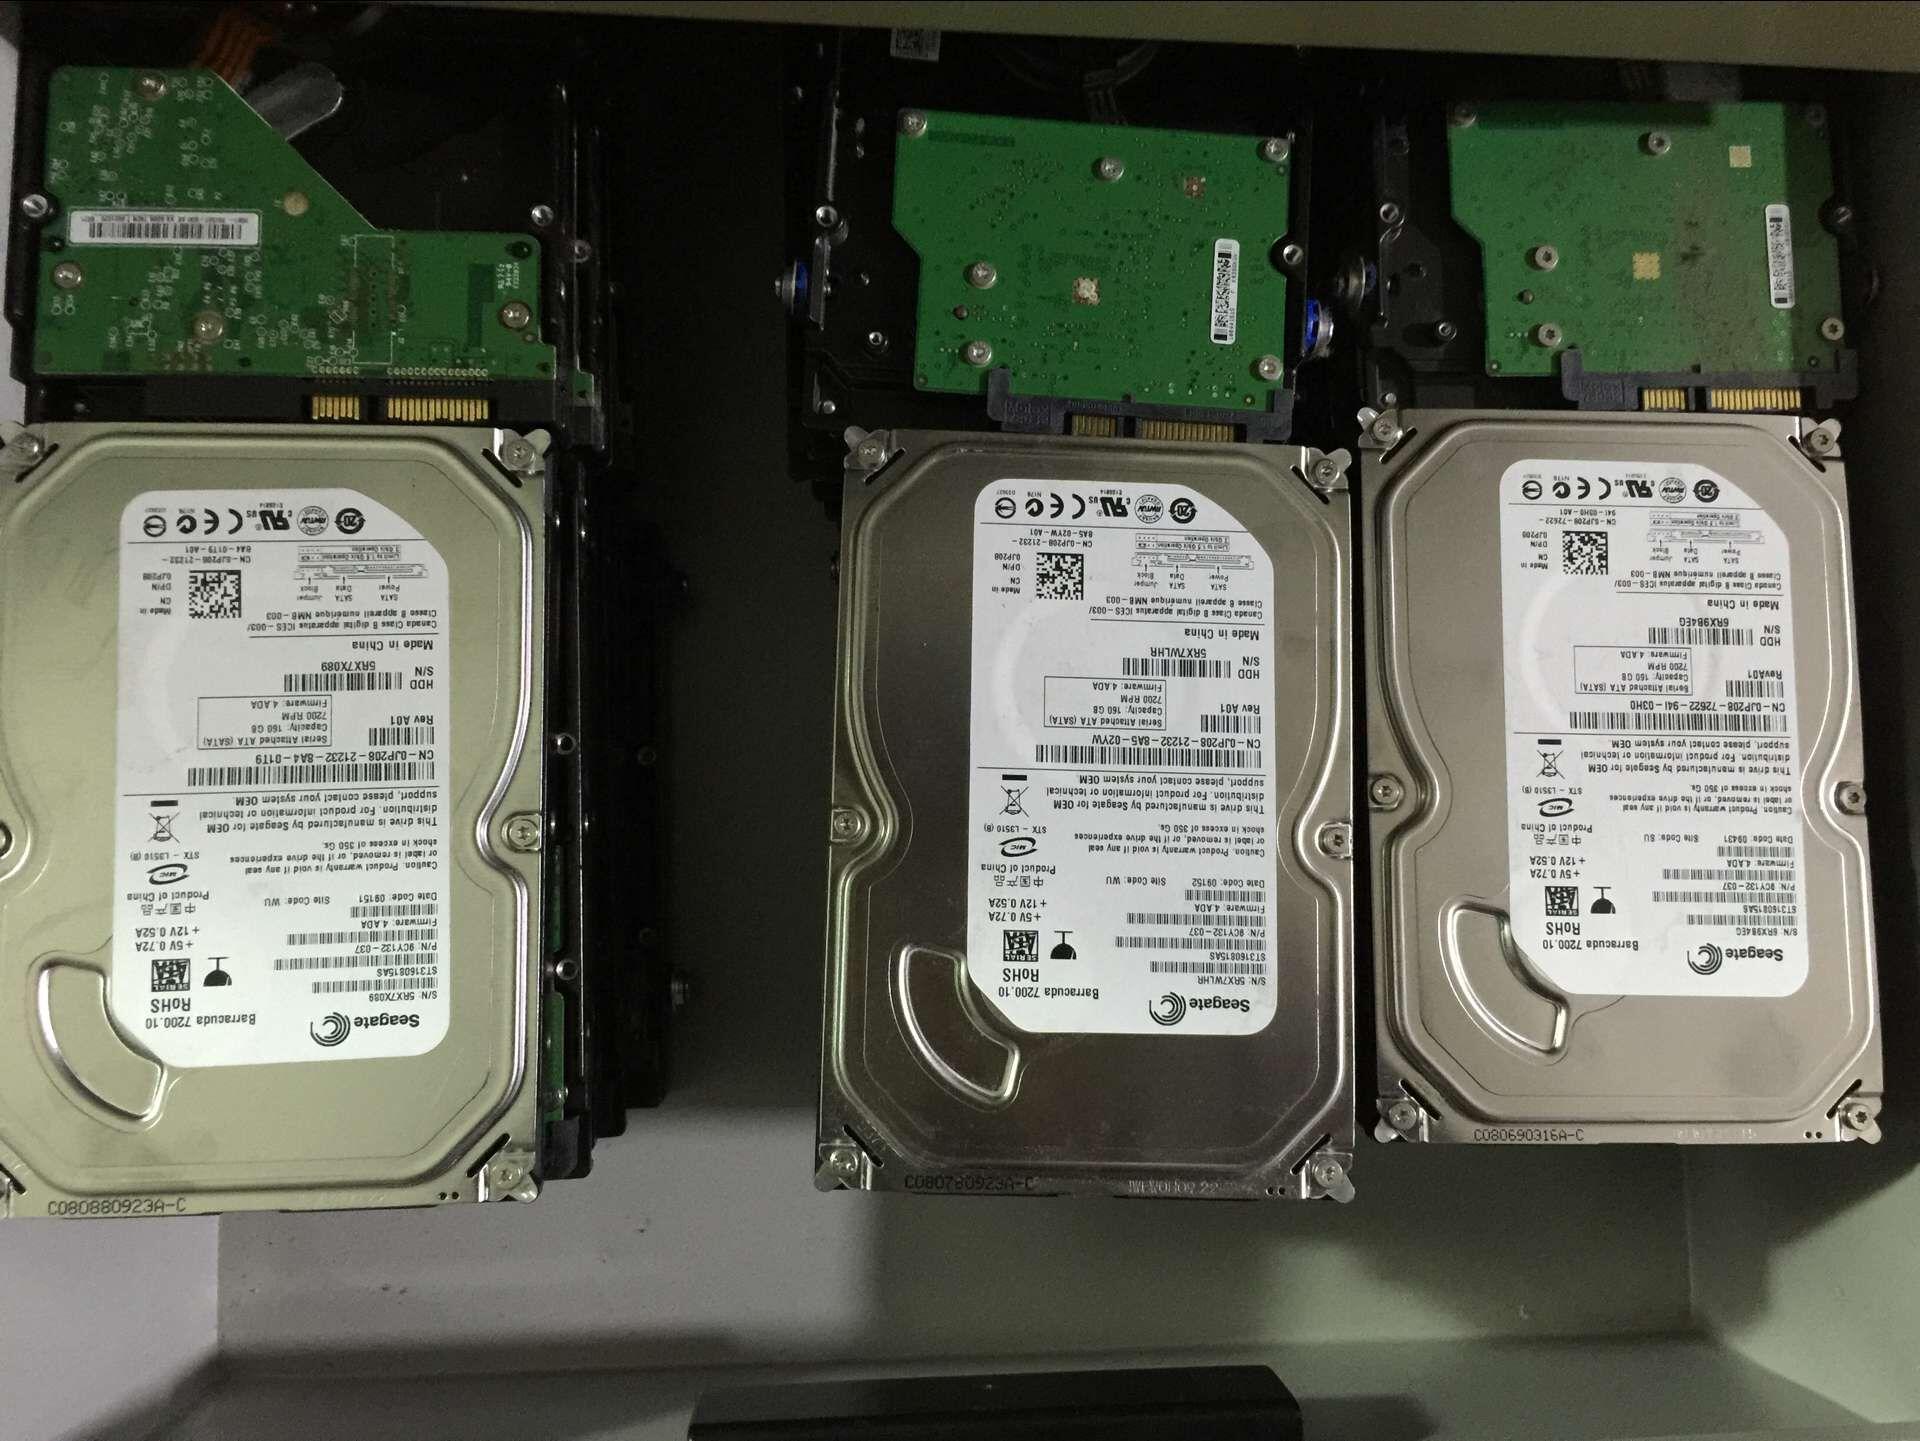 二手80G160G250G320G500G SATA串口 台式机硬盘WD/西数希捷迈拓等